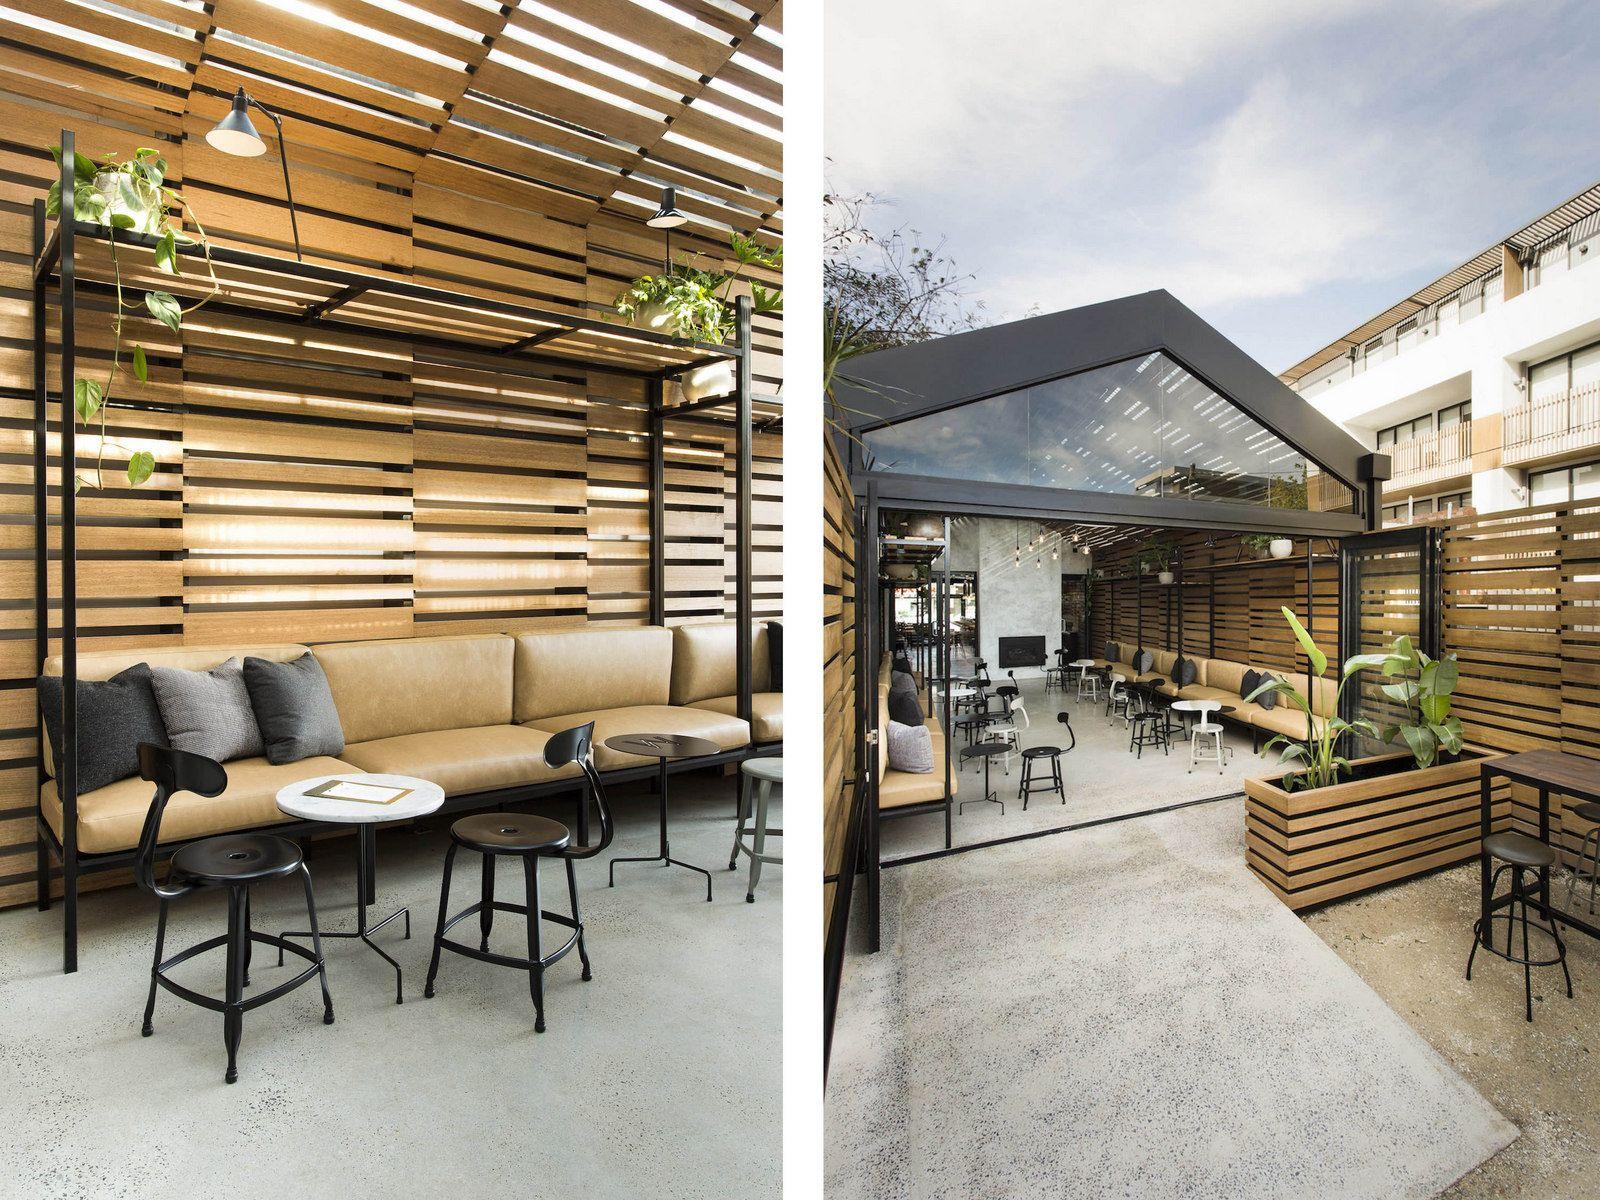 id es d co pour un bar au look industriel cav ambiances pinterest bar id e d co bar et. Black Bedroom Furniture Sets. Home Design Ideas